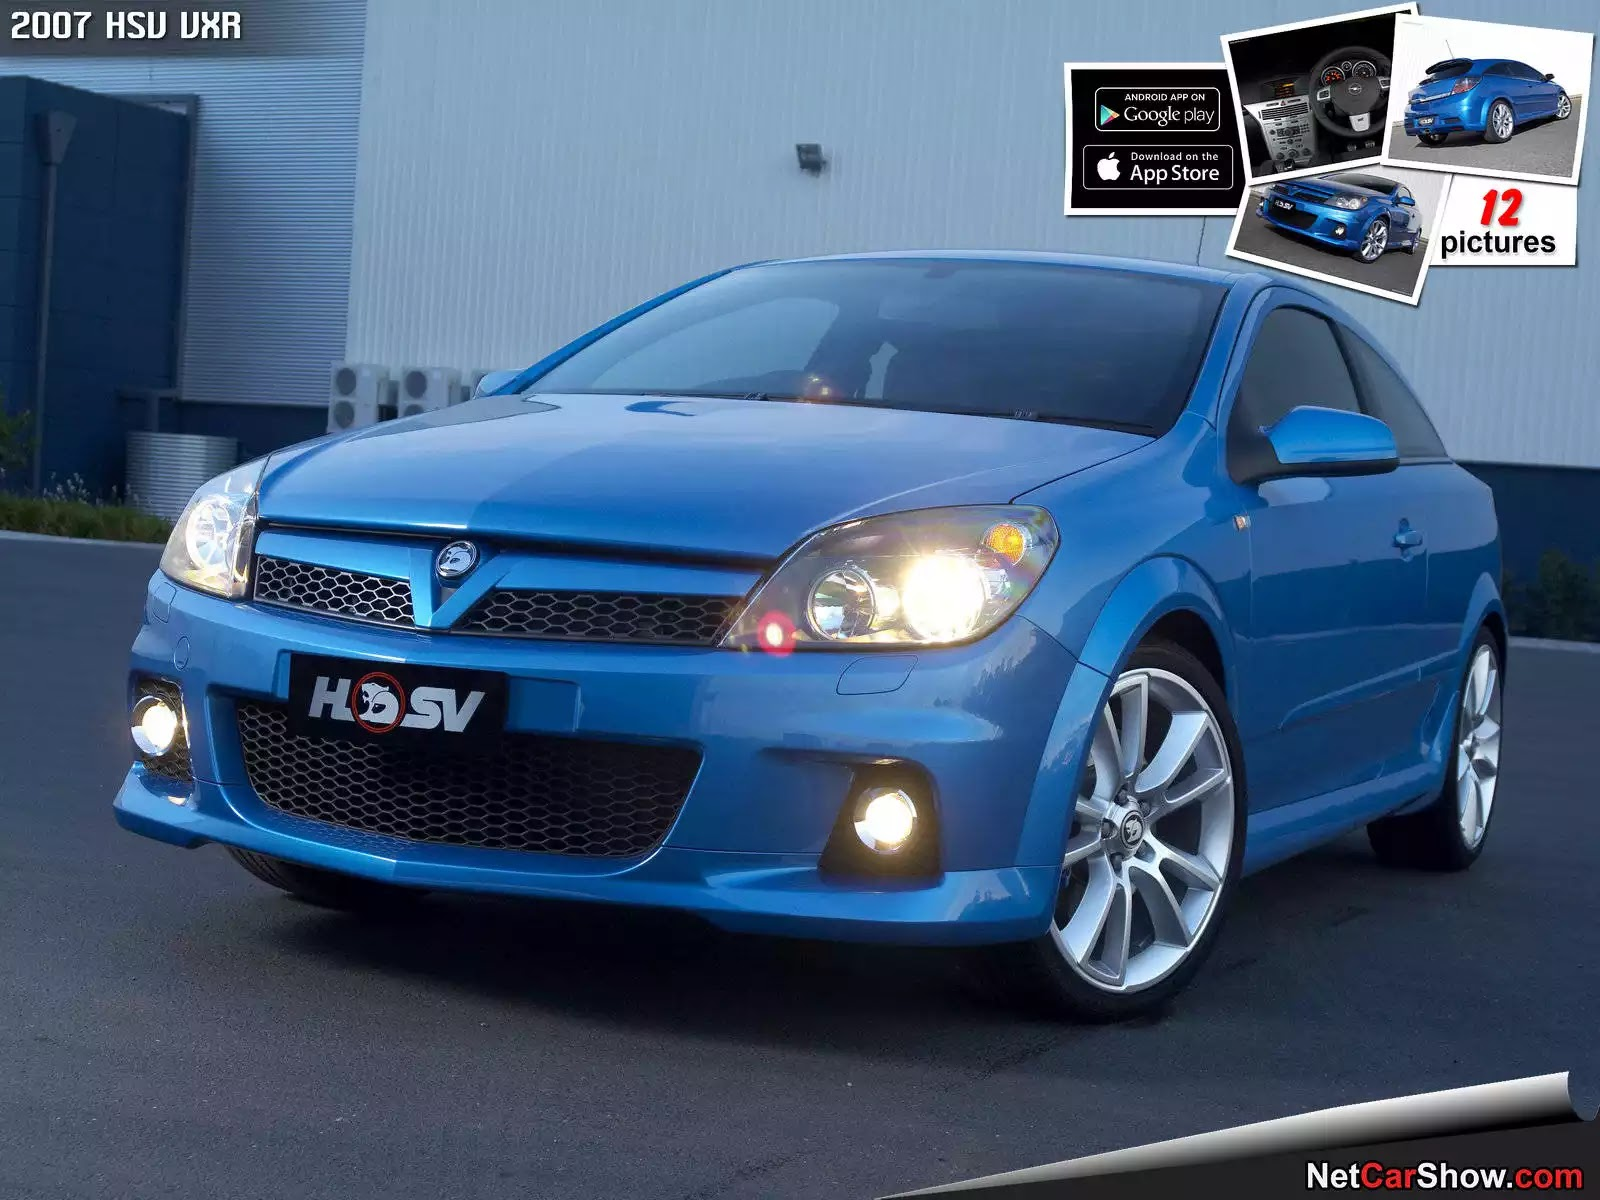 Hình ảnh xe ô tô HSV VXR 2007 & nội ngoại thất